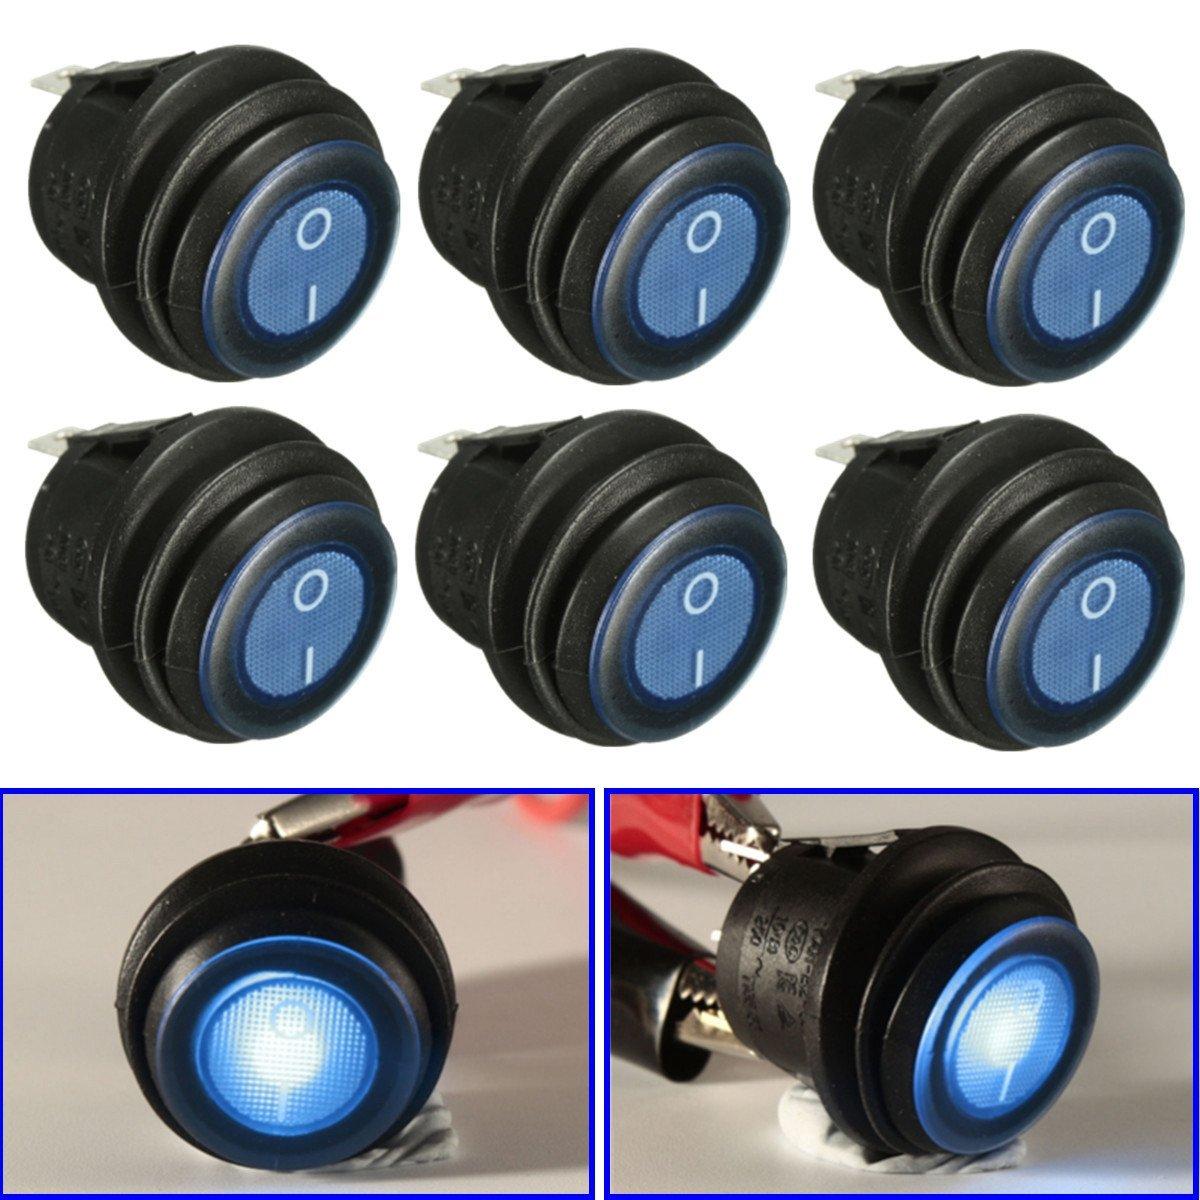 Audew 6 x 12VDC 3-Pin LED Lumineux On / Off SPST Interrupteur à Bascule Étanche Pour Voiture Van Bateau Bleu product image